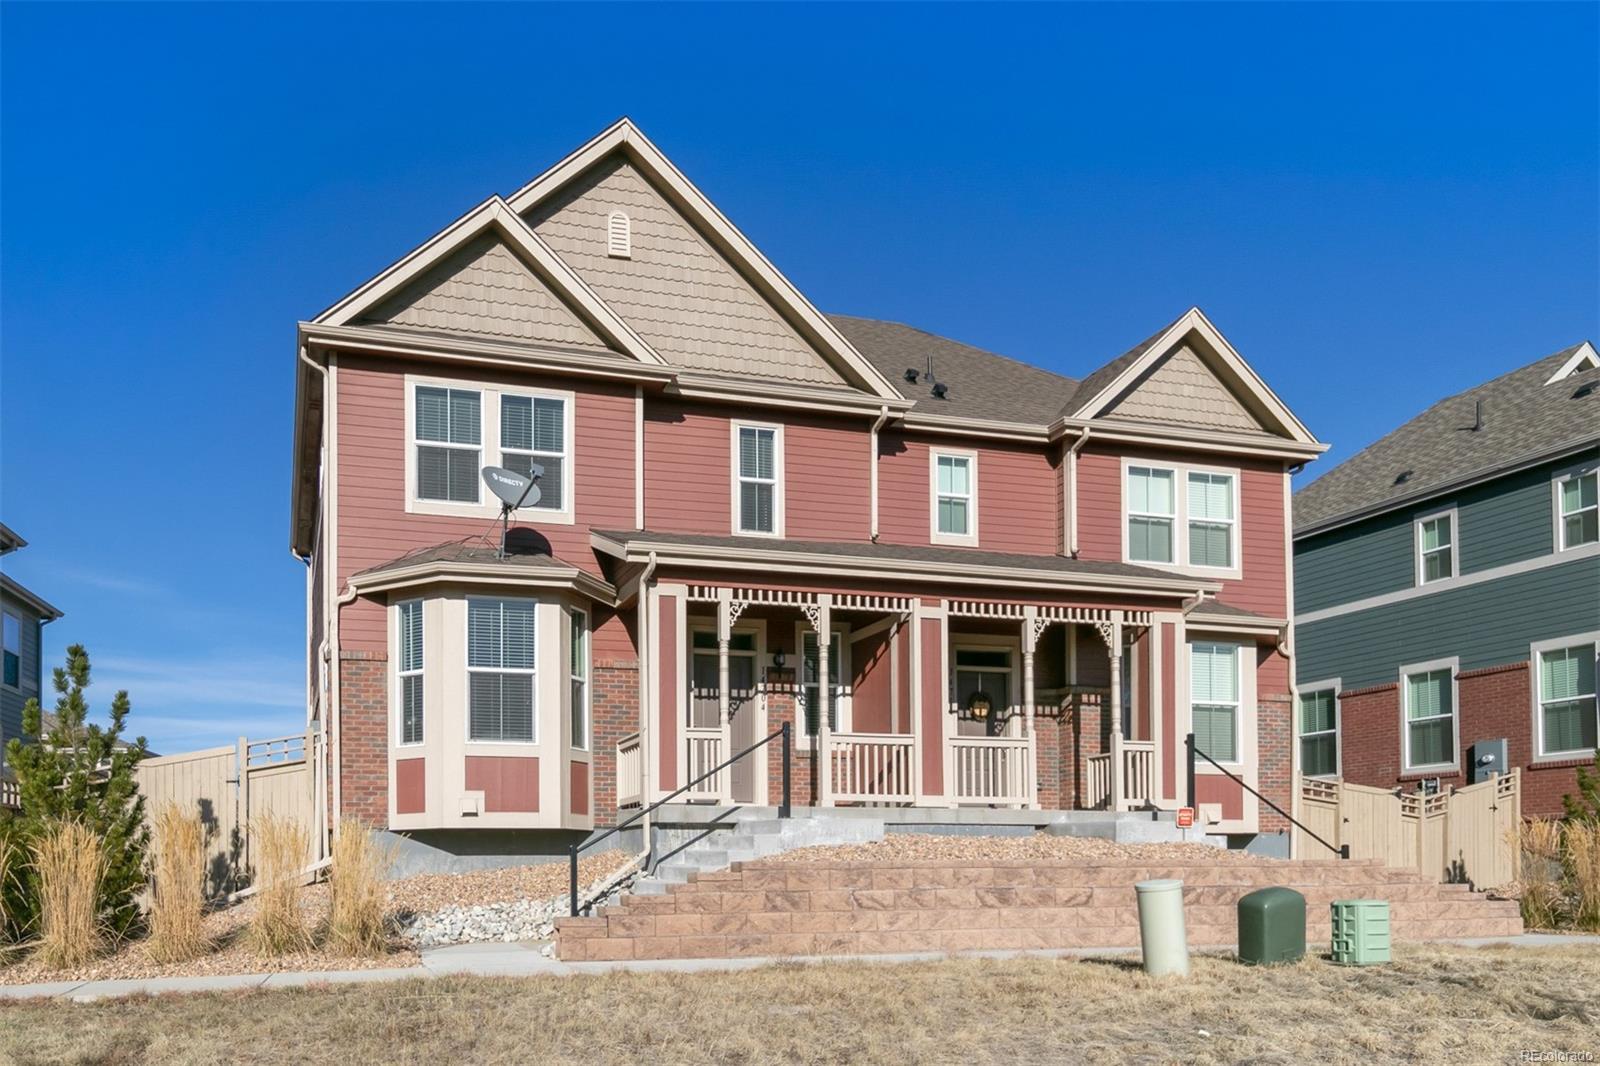 14704 E Crestridge Drive, Centennial, CO 80015 - Centennial, CO real estate listing